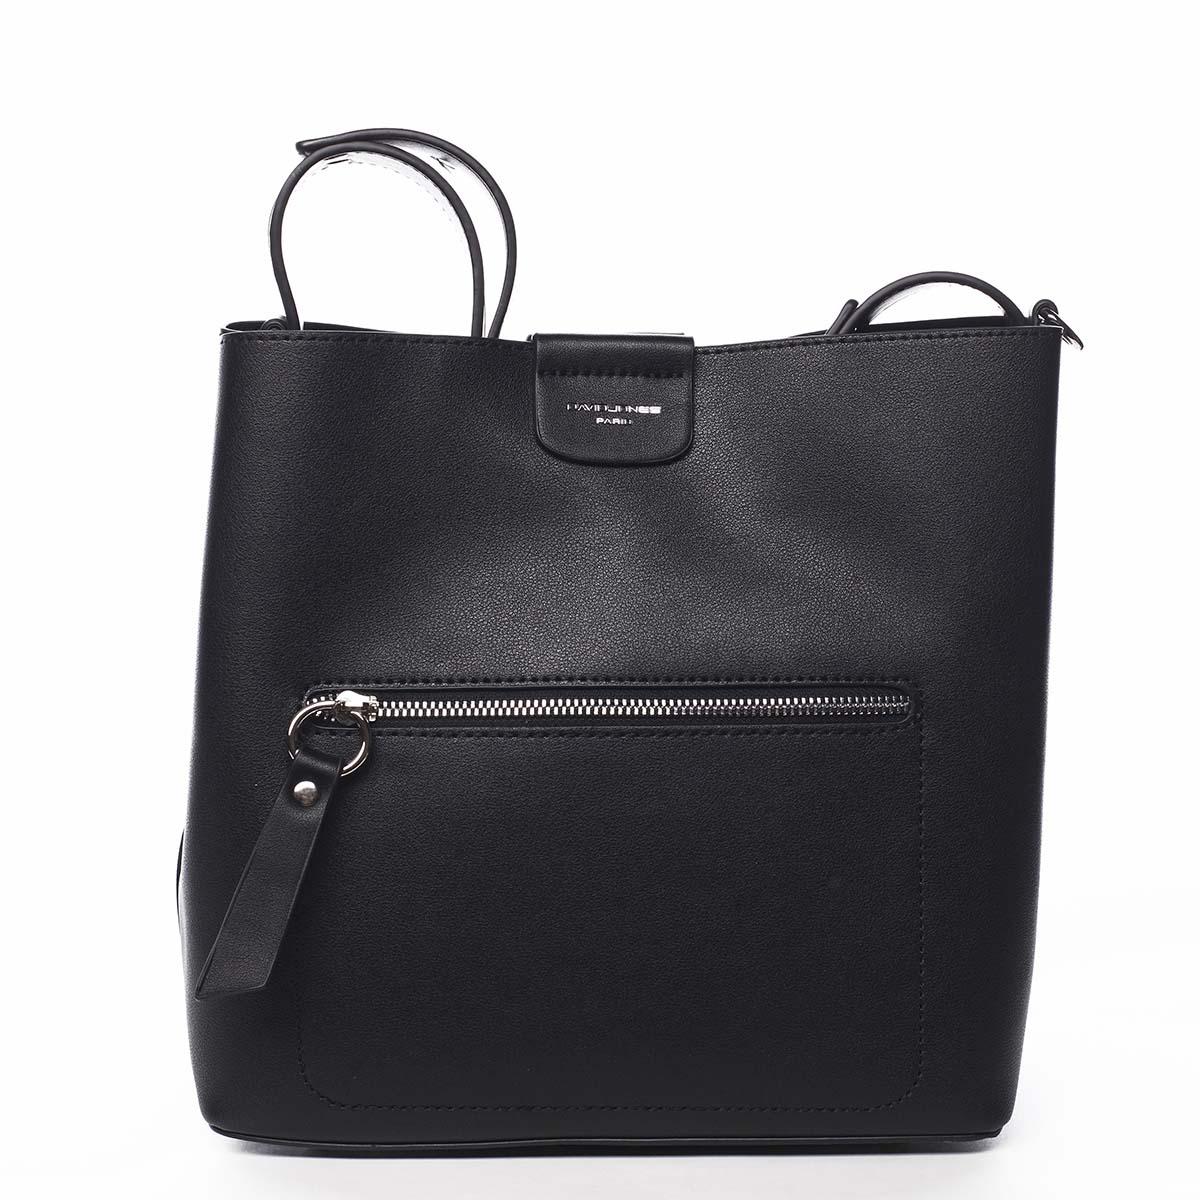 Dámska kabelka cez rameno čierna - David Jones Salma čierna